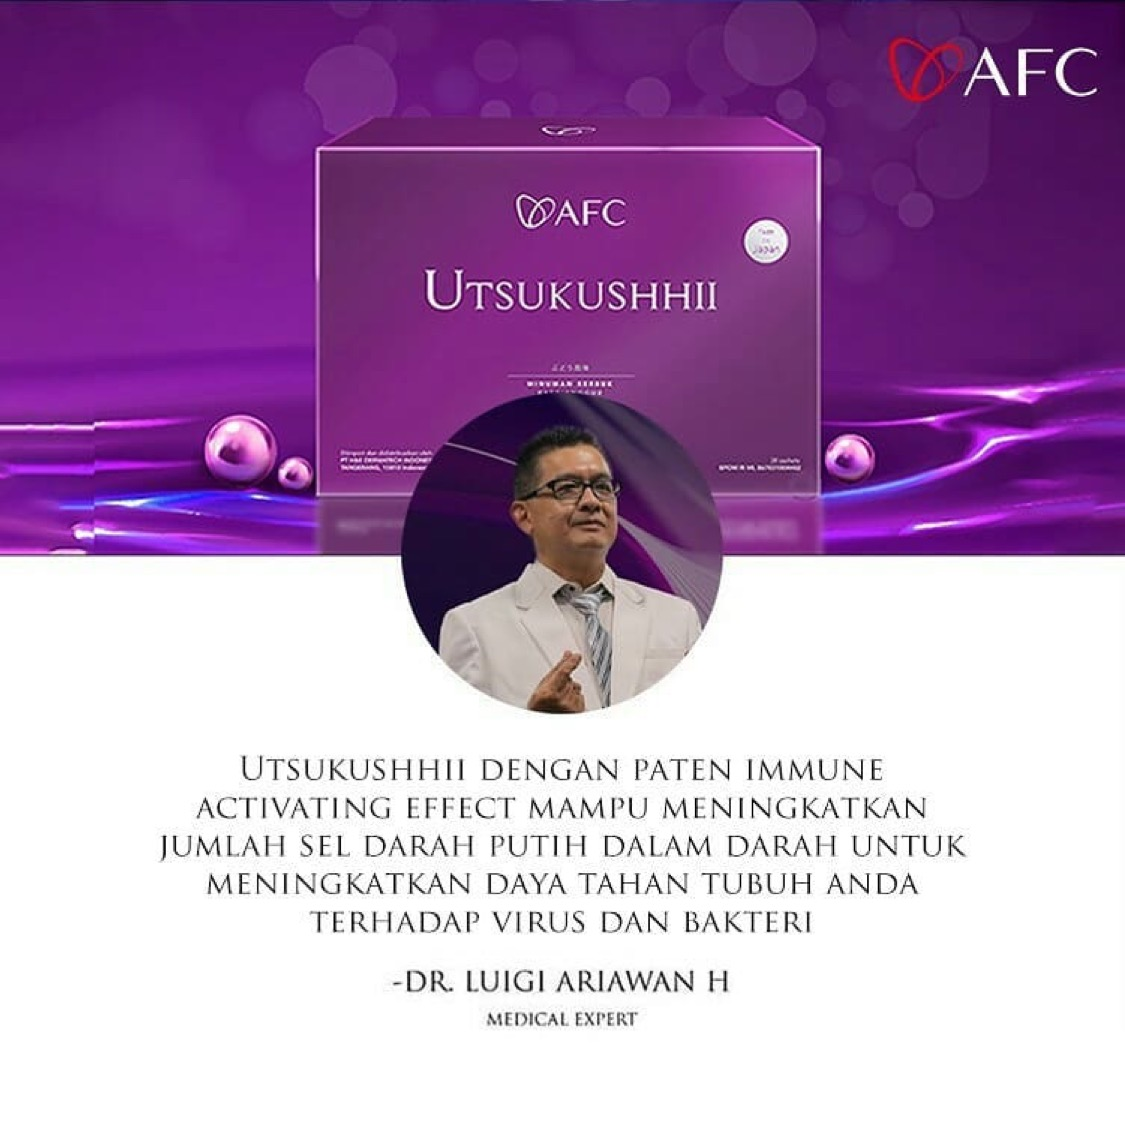 Testimoni AFC Utsukushhii dr. Lugi Ariawan H